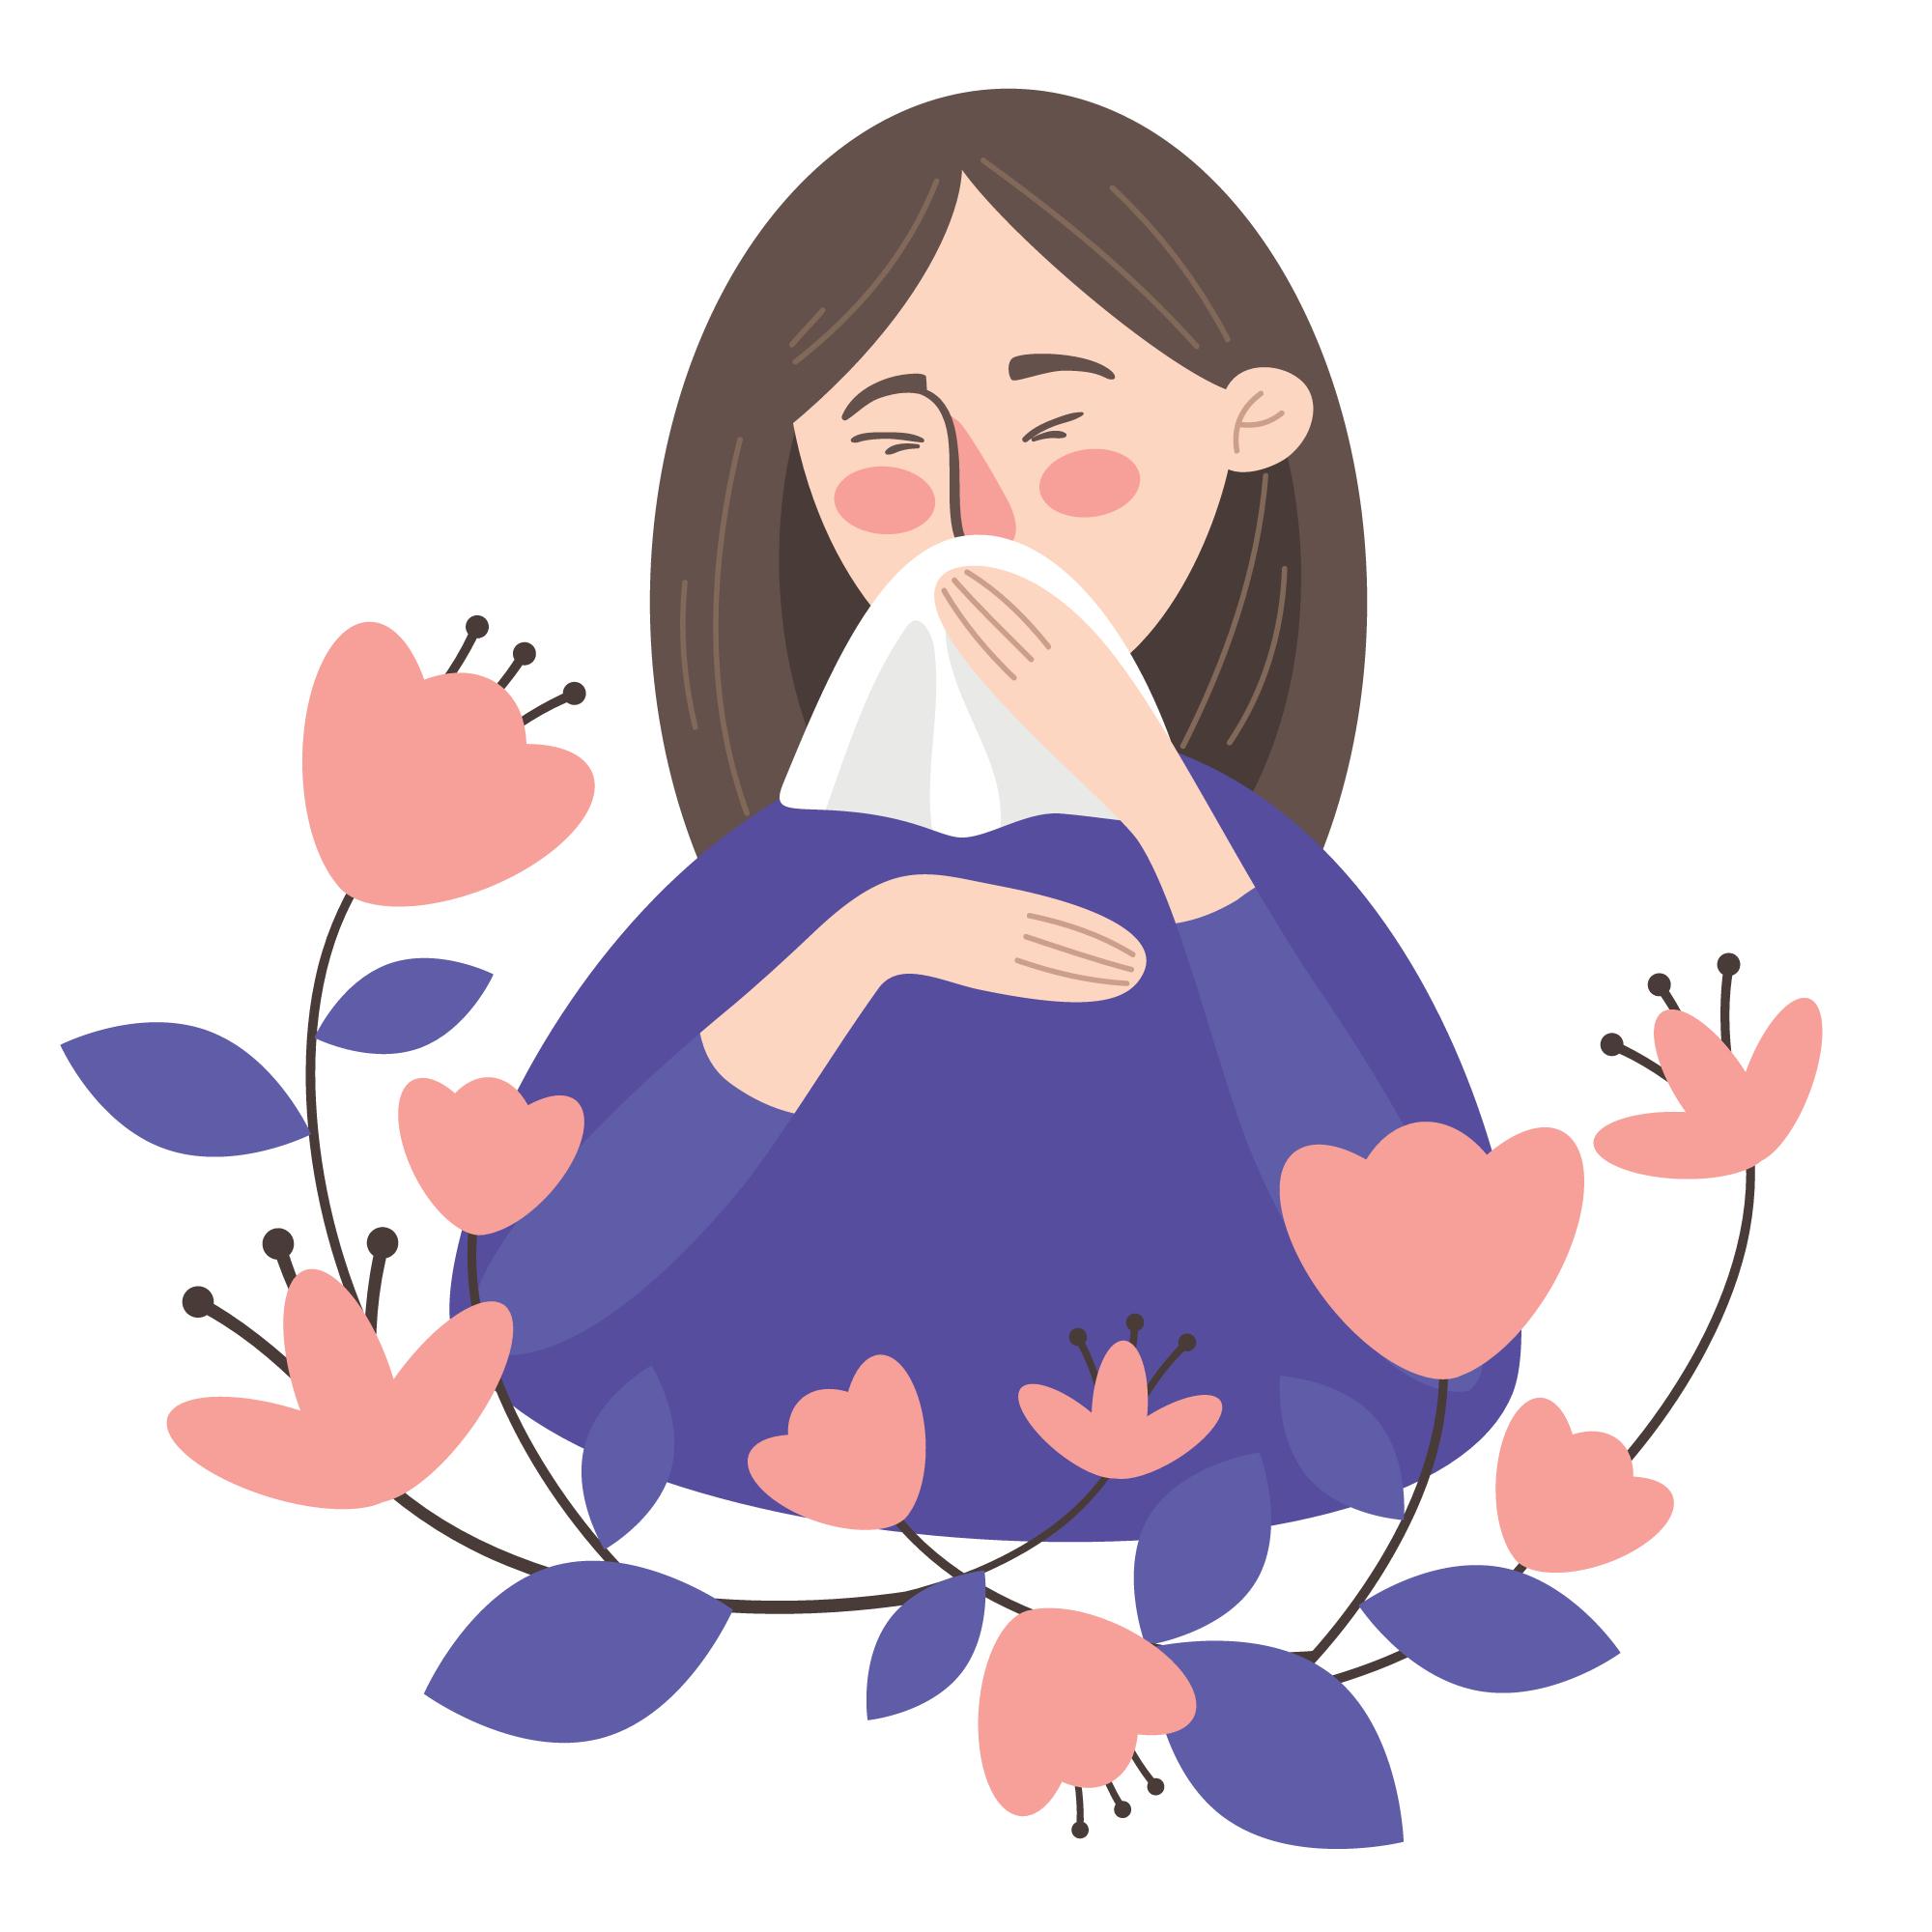 Även om pollenallergi och covid-19 inledningsvis kan vara snarlika en vanlig förkylning finns det tydliga skillnader.